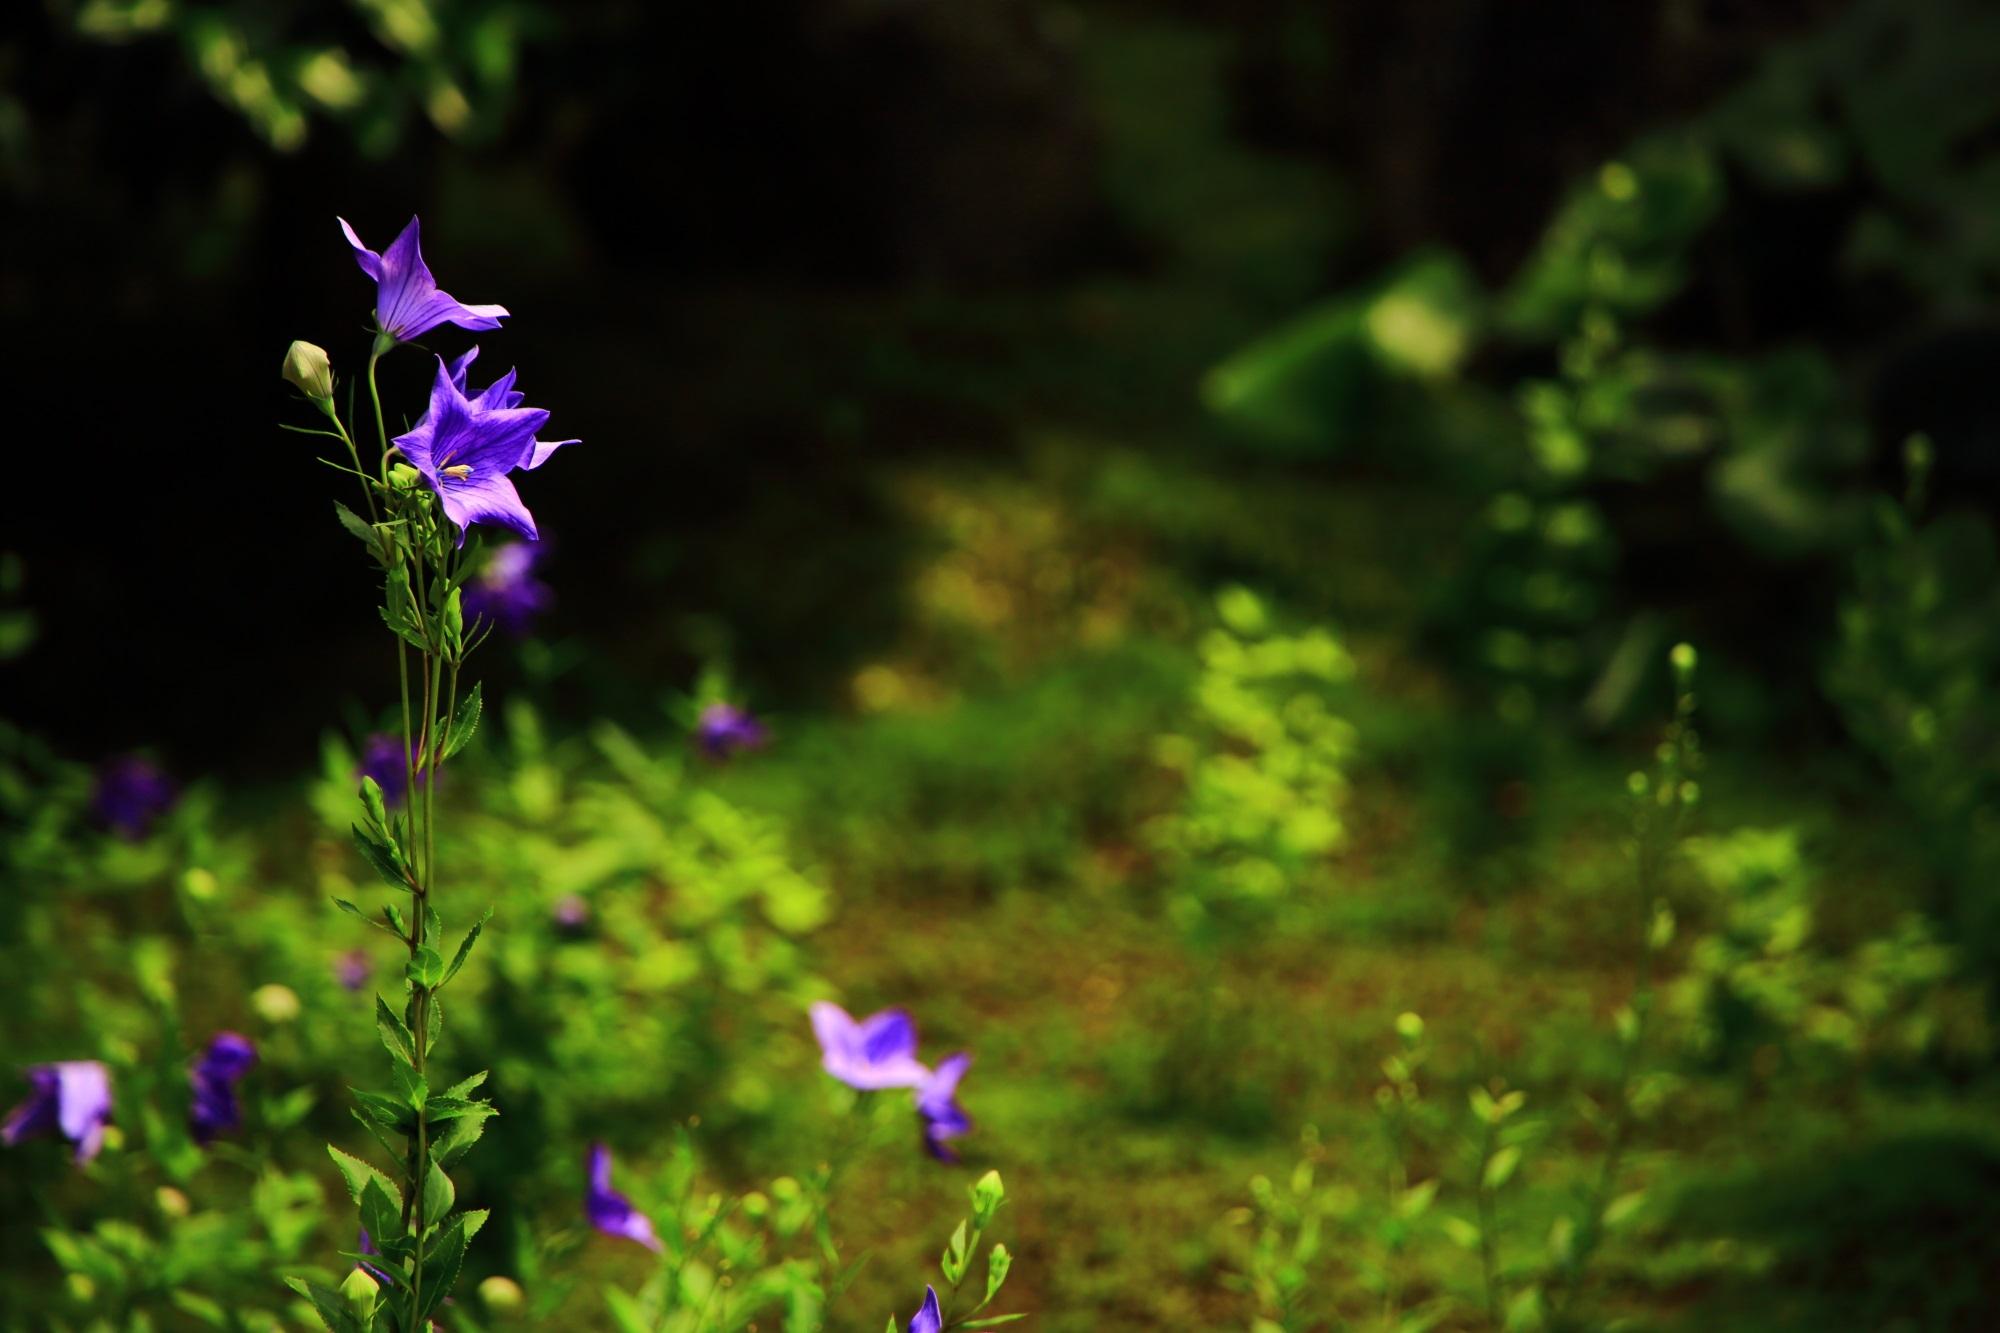 眩い緑の上で煌びやかに咲き誇る紫の桔梗